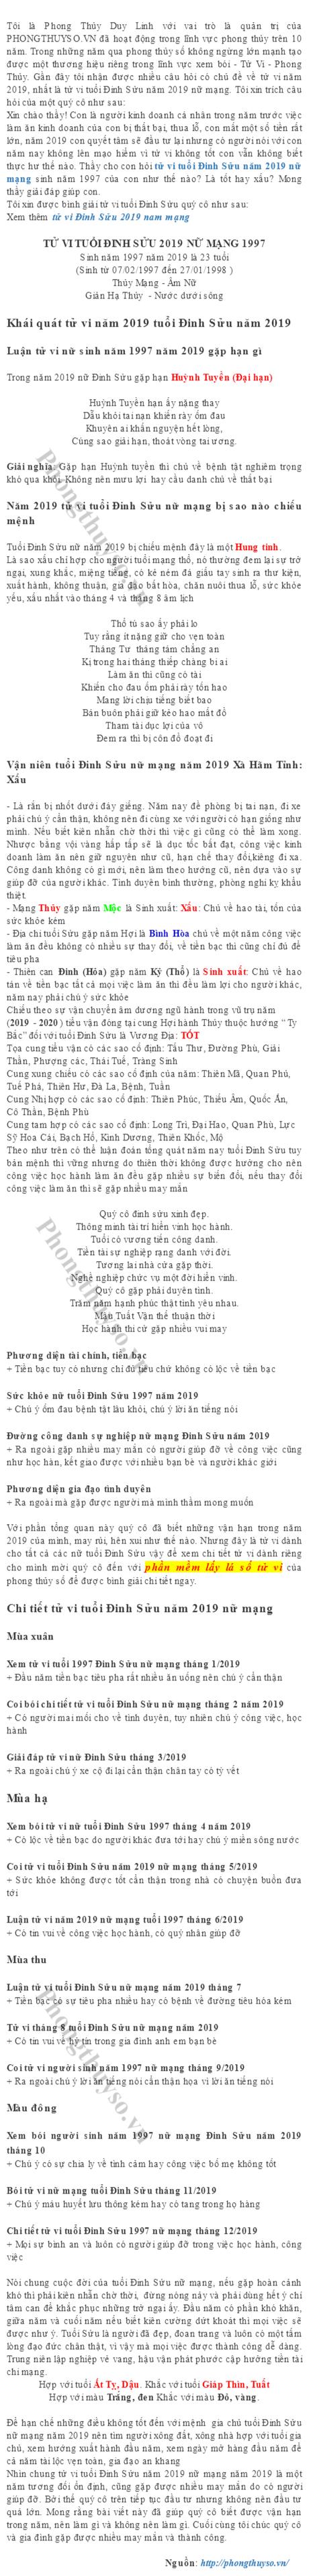 tu-vi-tuoi-dinh-suu-nam-2019-nu-mang